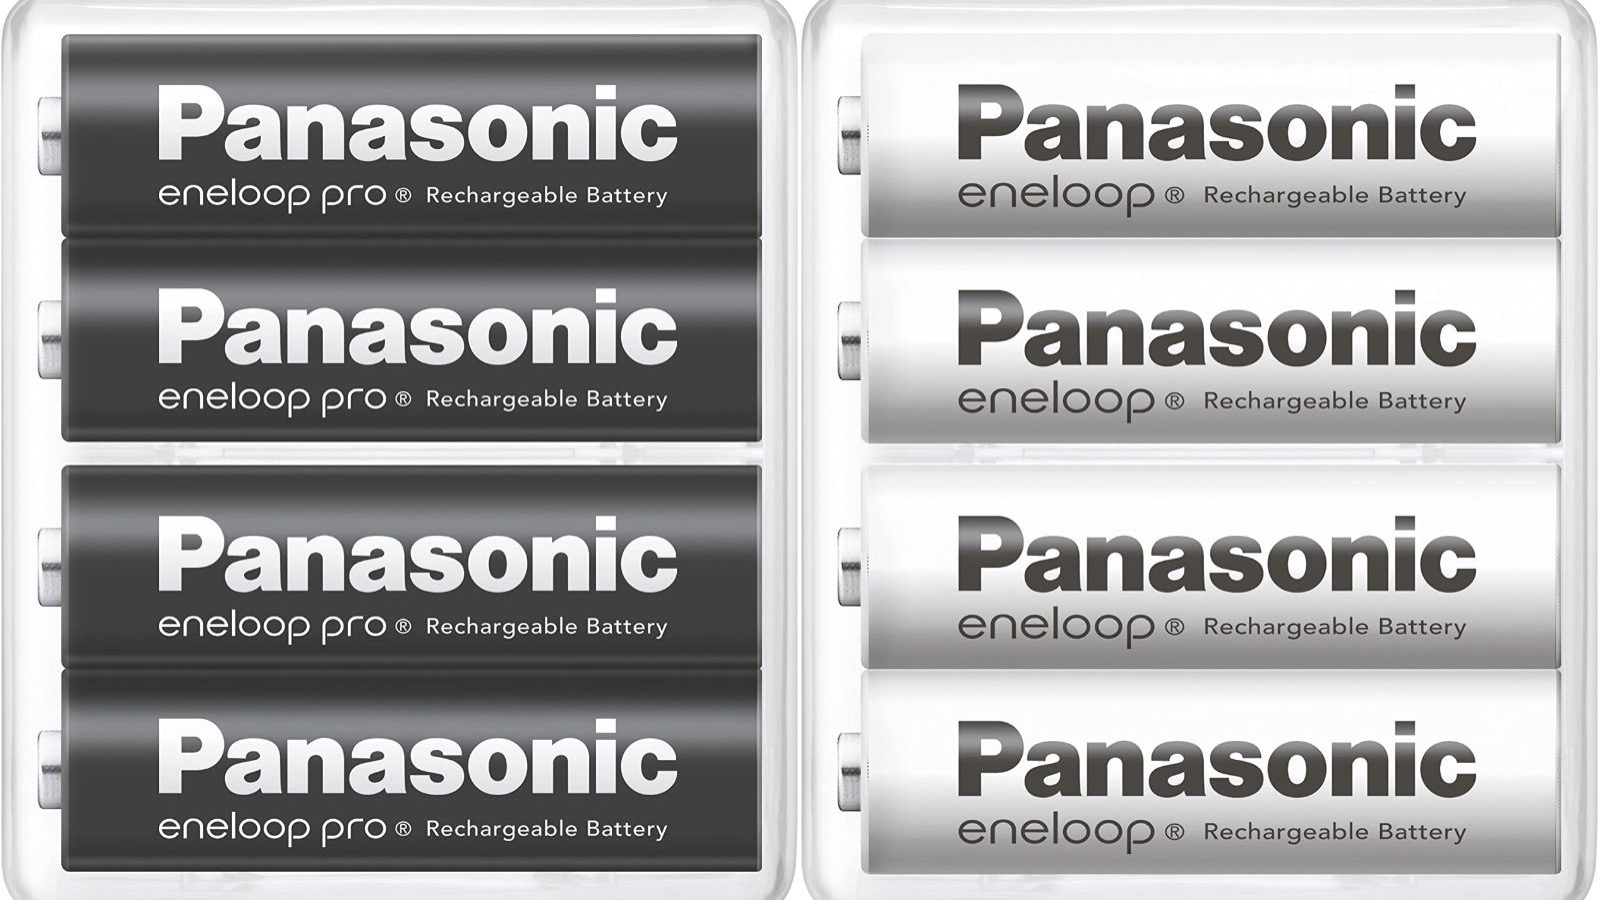 Eneloop batteries on sale